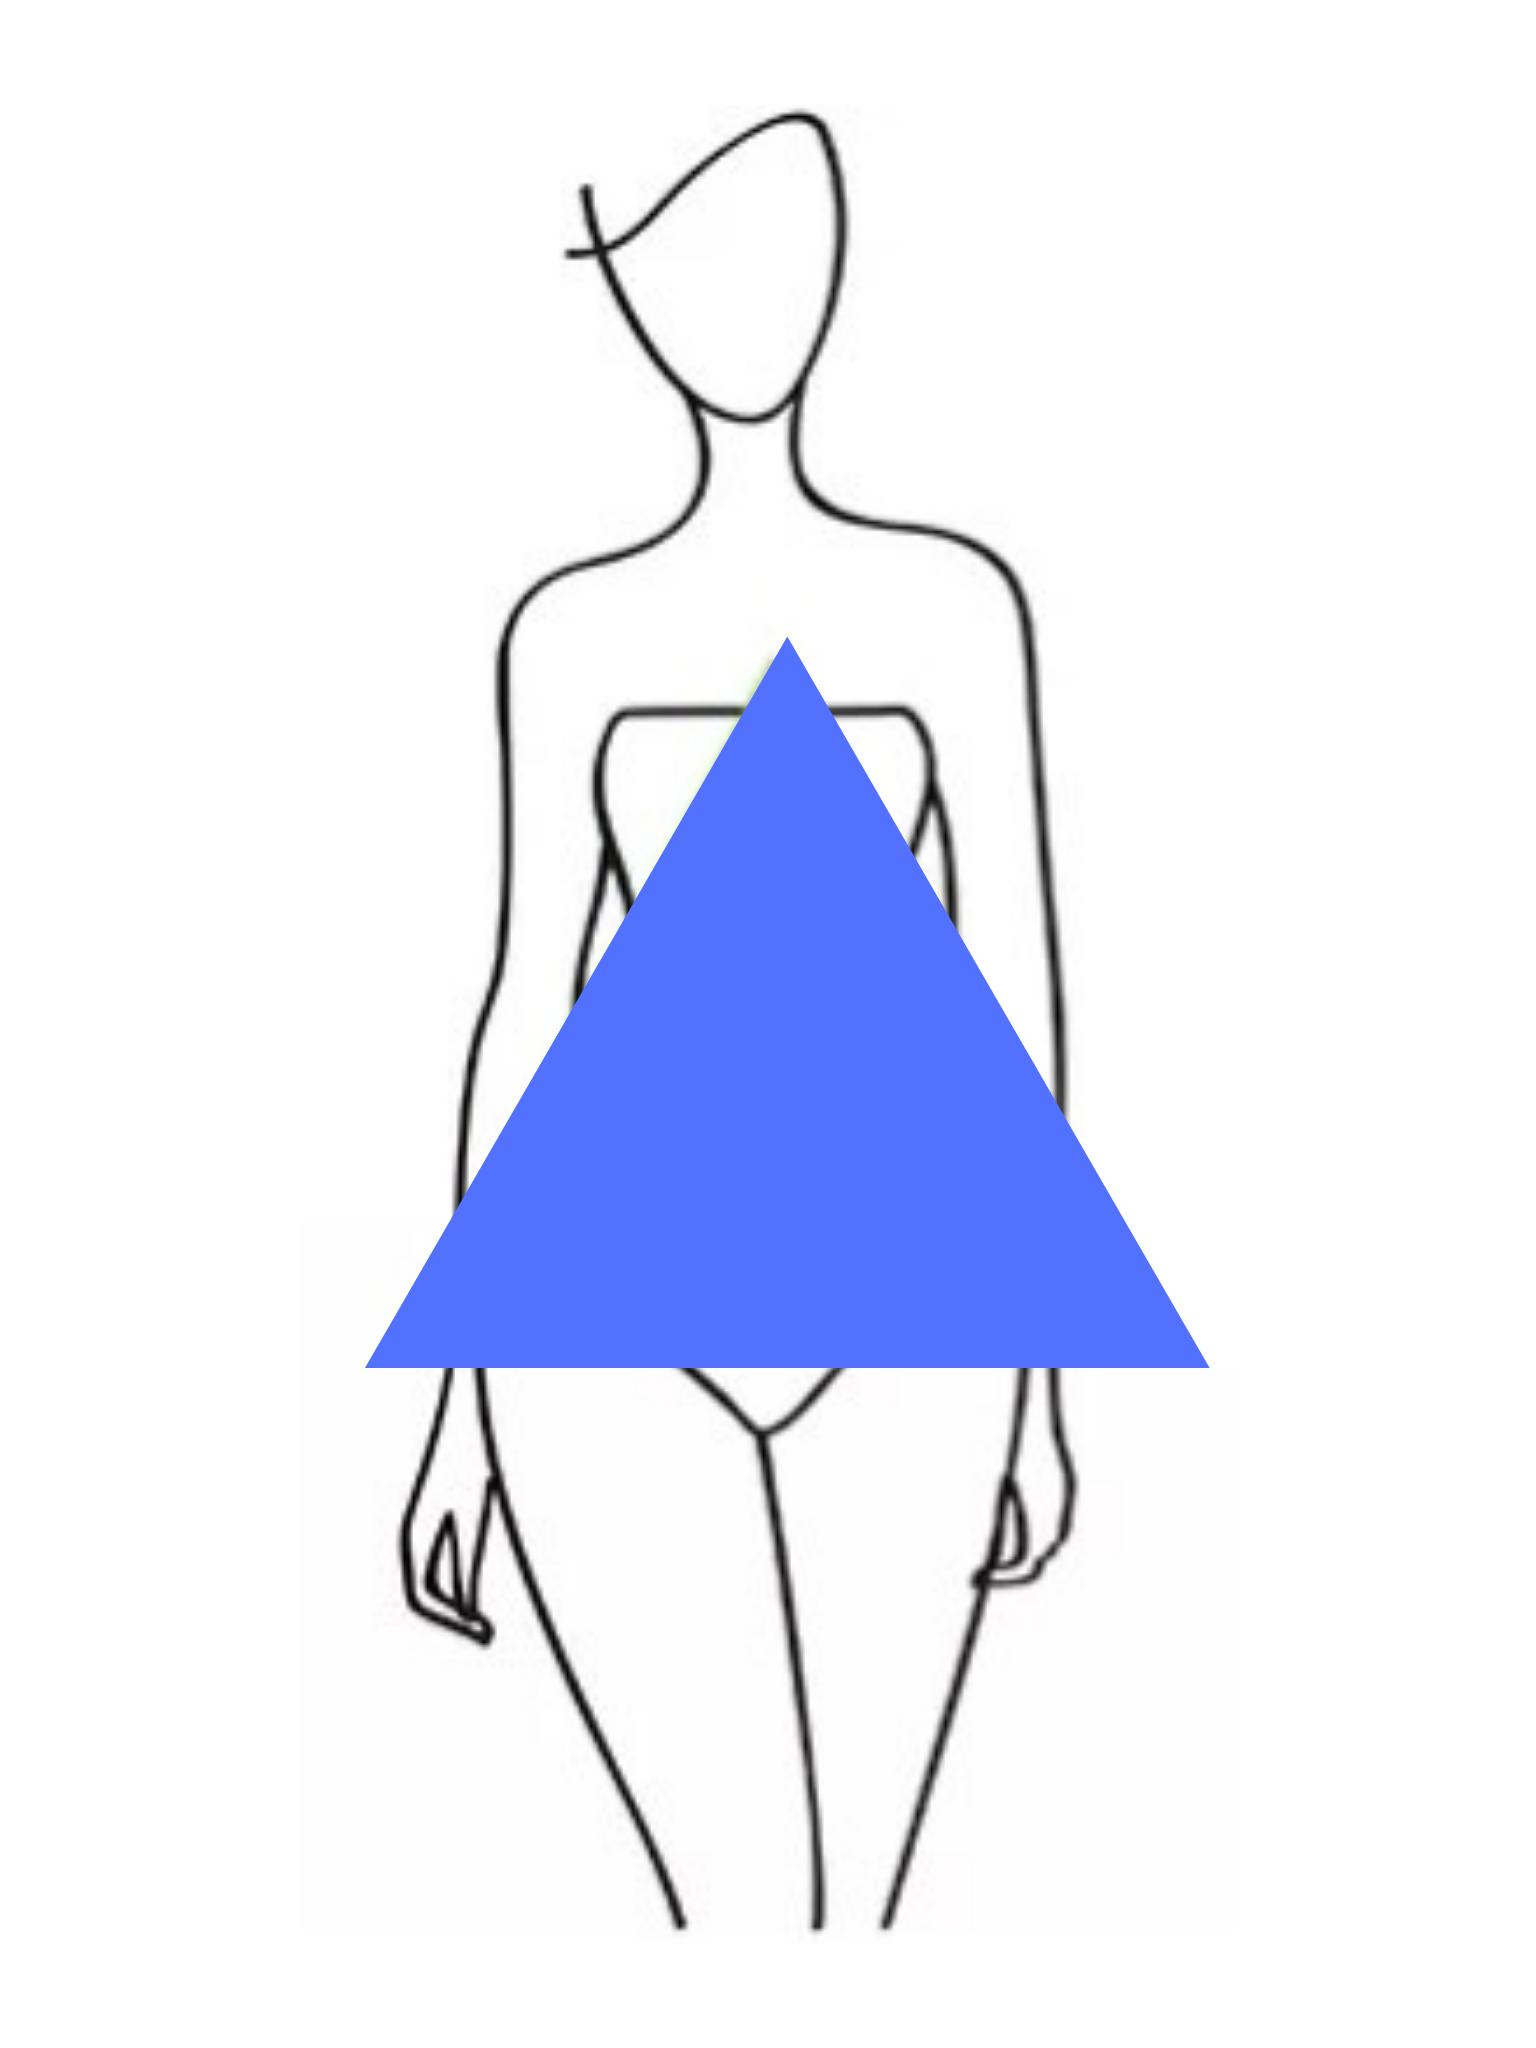 gruszka figura typ sylwetki